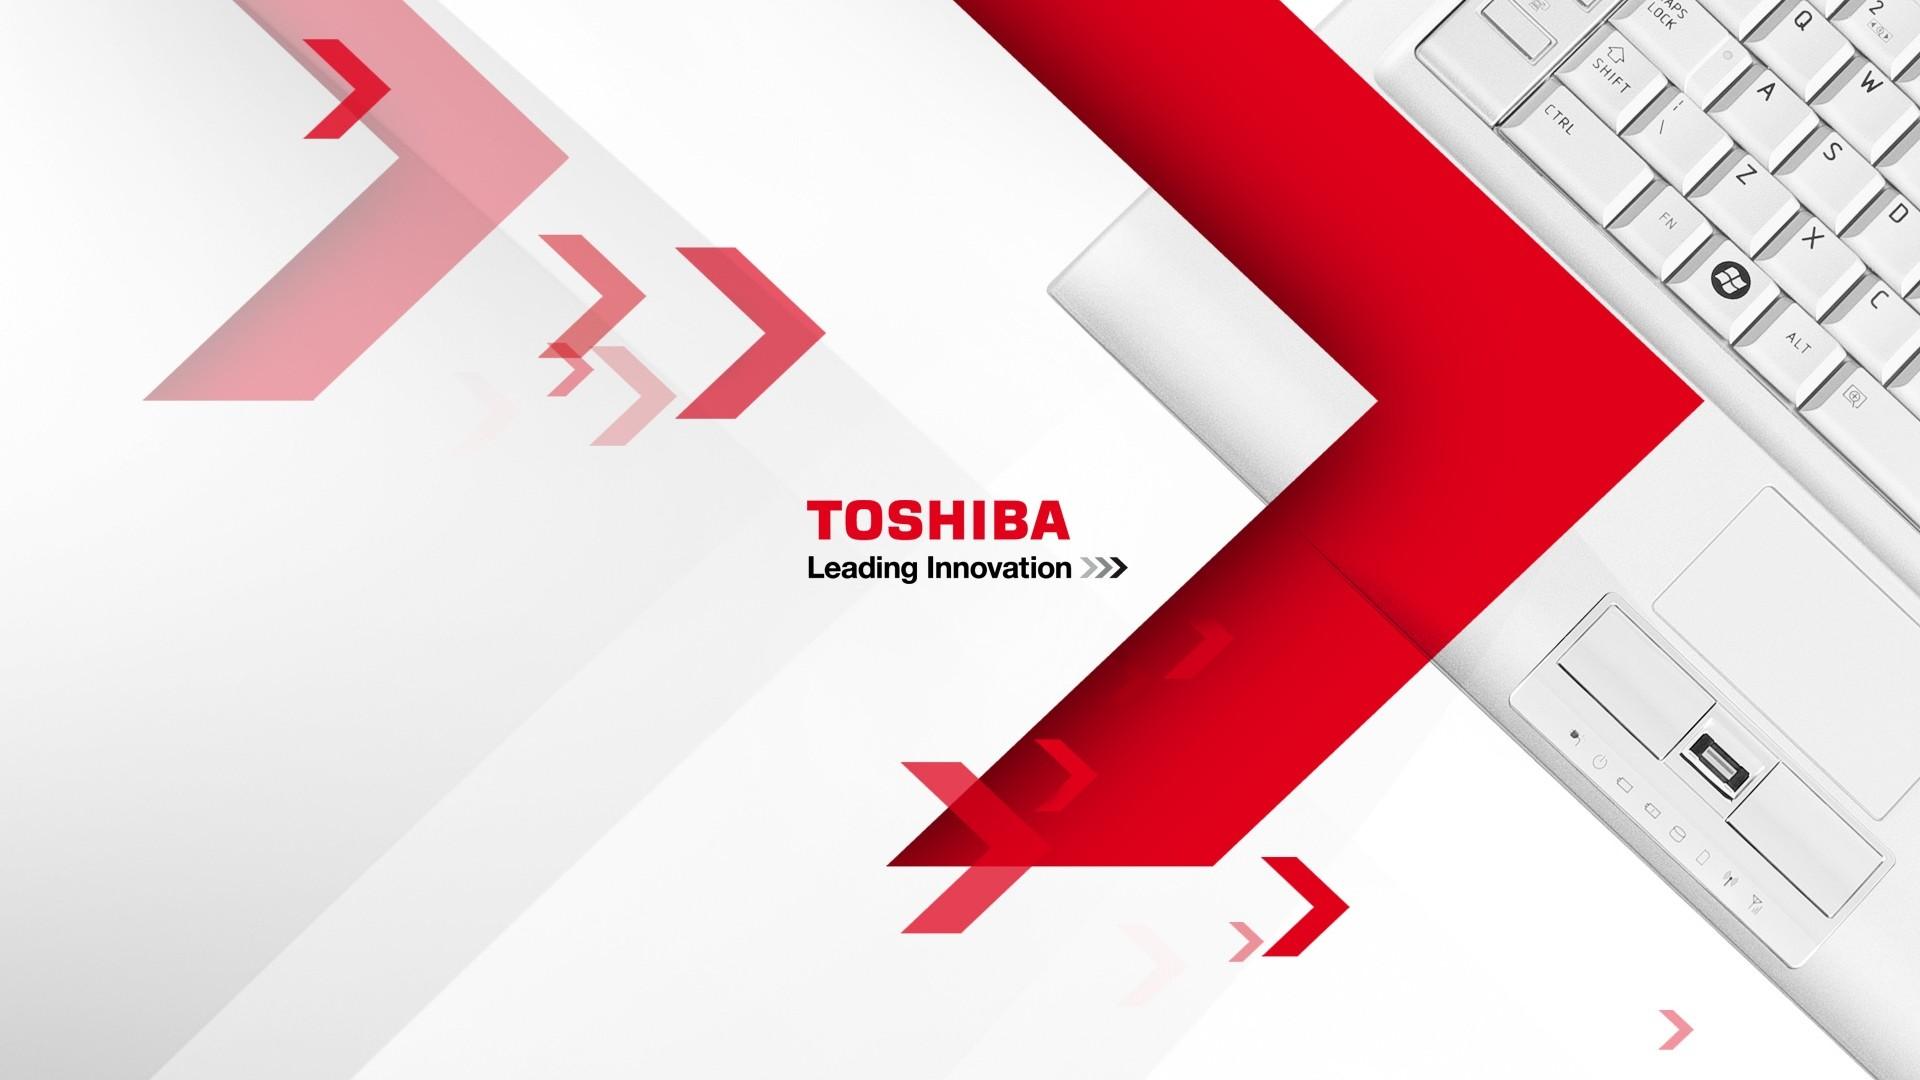 1920x1080 preview wallpaper toshiba brand logo technology laptop 1920x1080